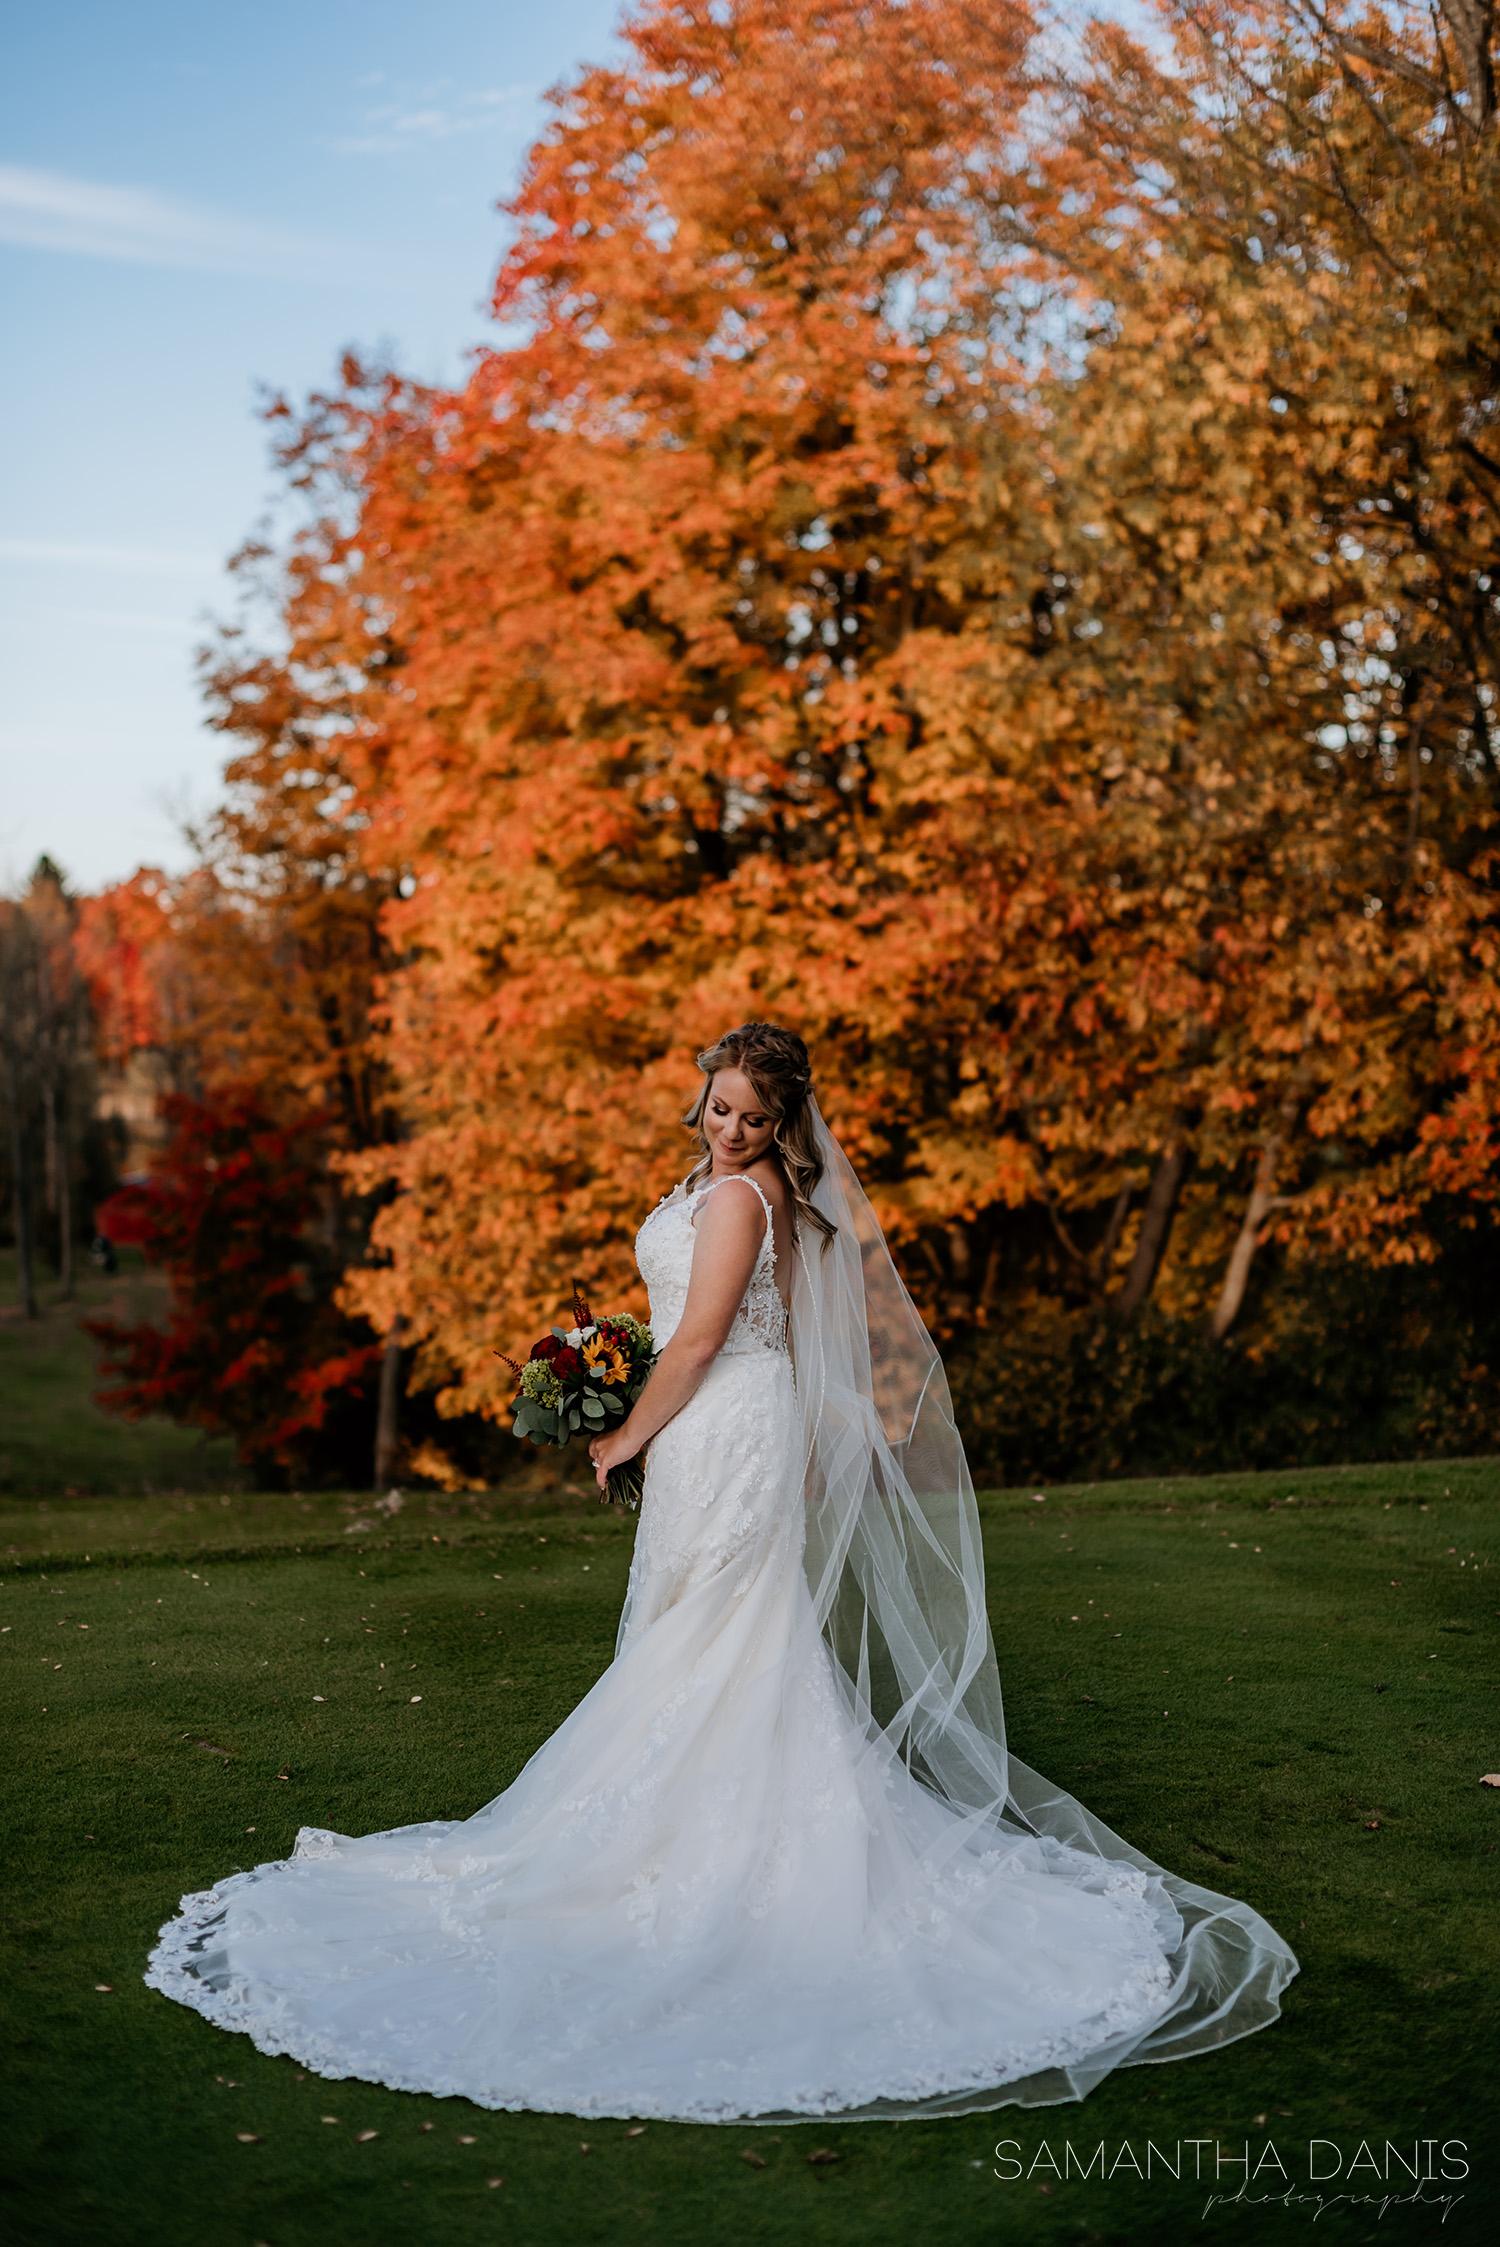 Steph & Chris Loch March Fall Wedding Samantha Danis Photography Ottawa